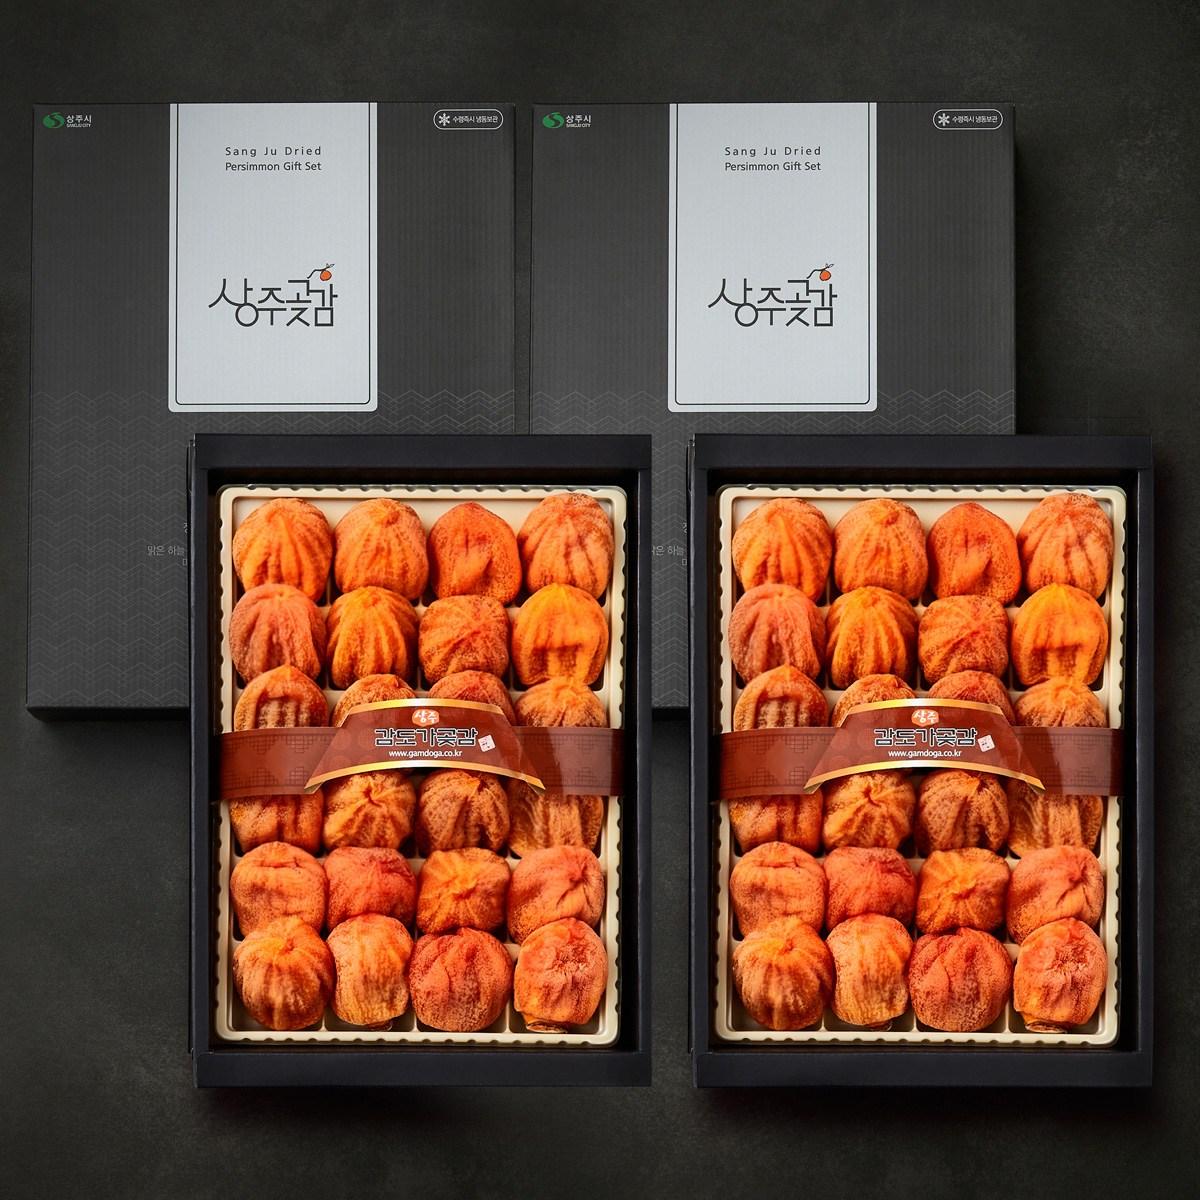 상주감도가곶감 [1+1상주감도가곶감]알찬2호 건시900g(24-28개입)2박스 보자기동봉, 단품